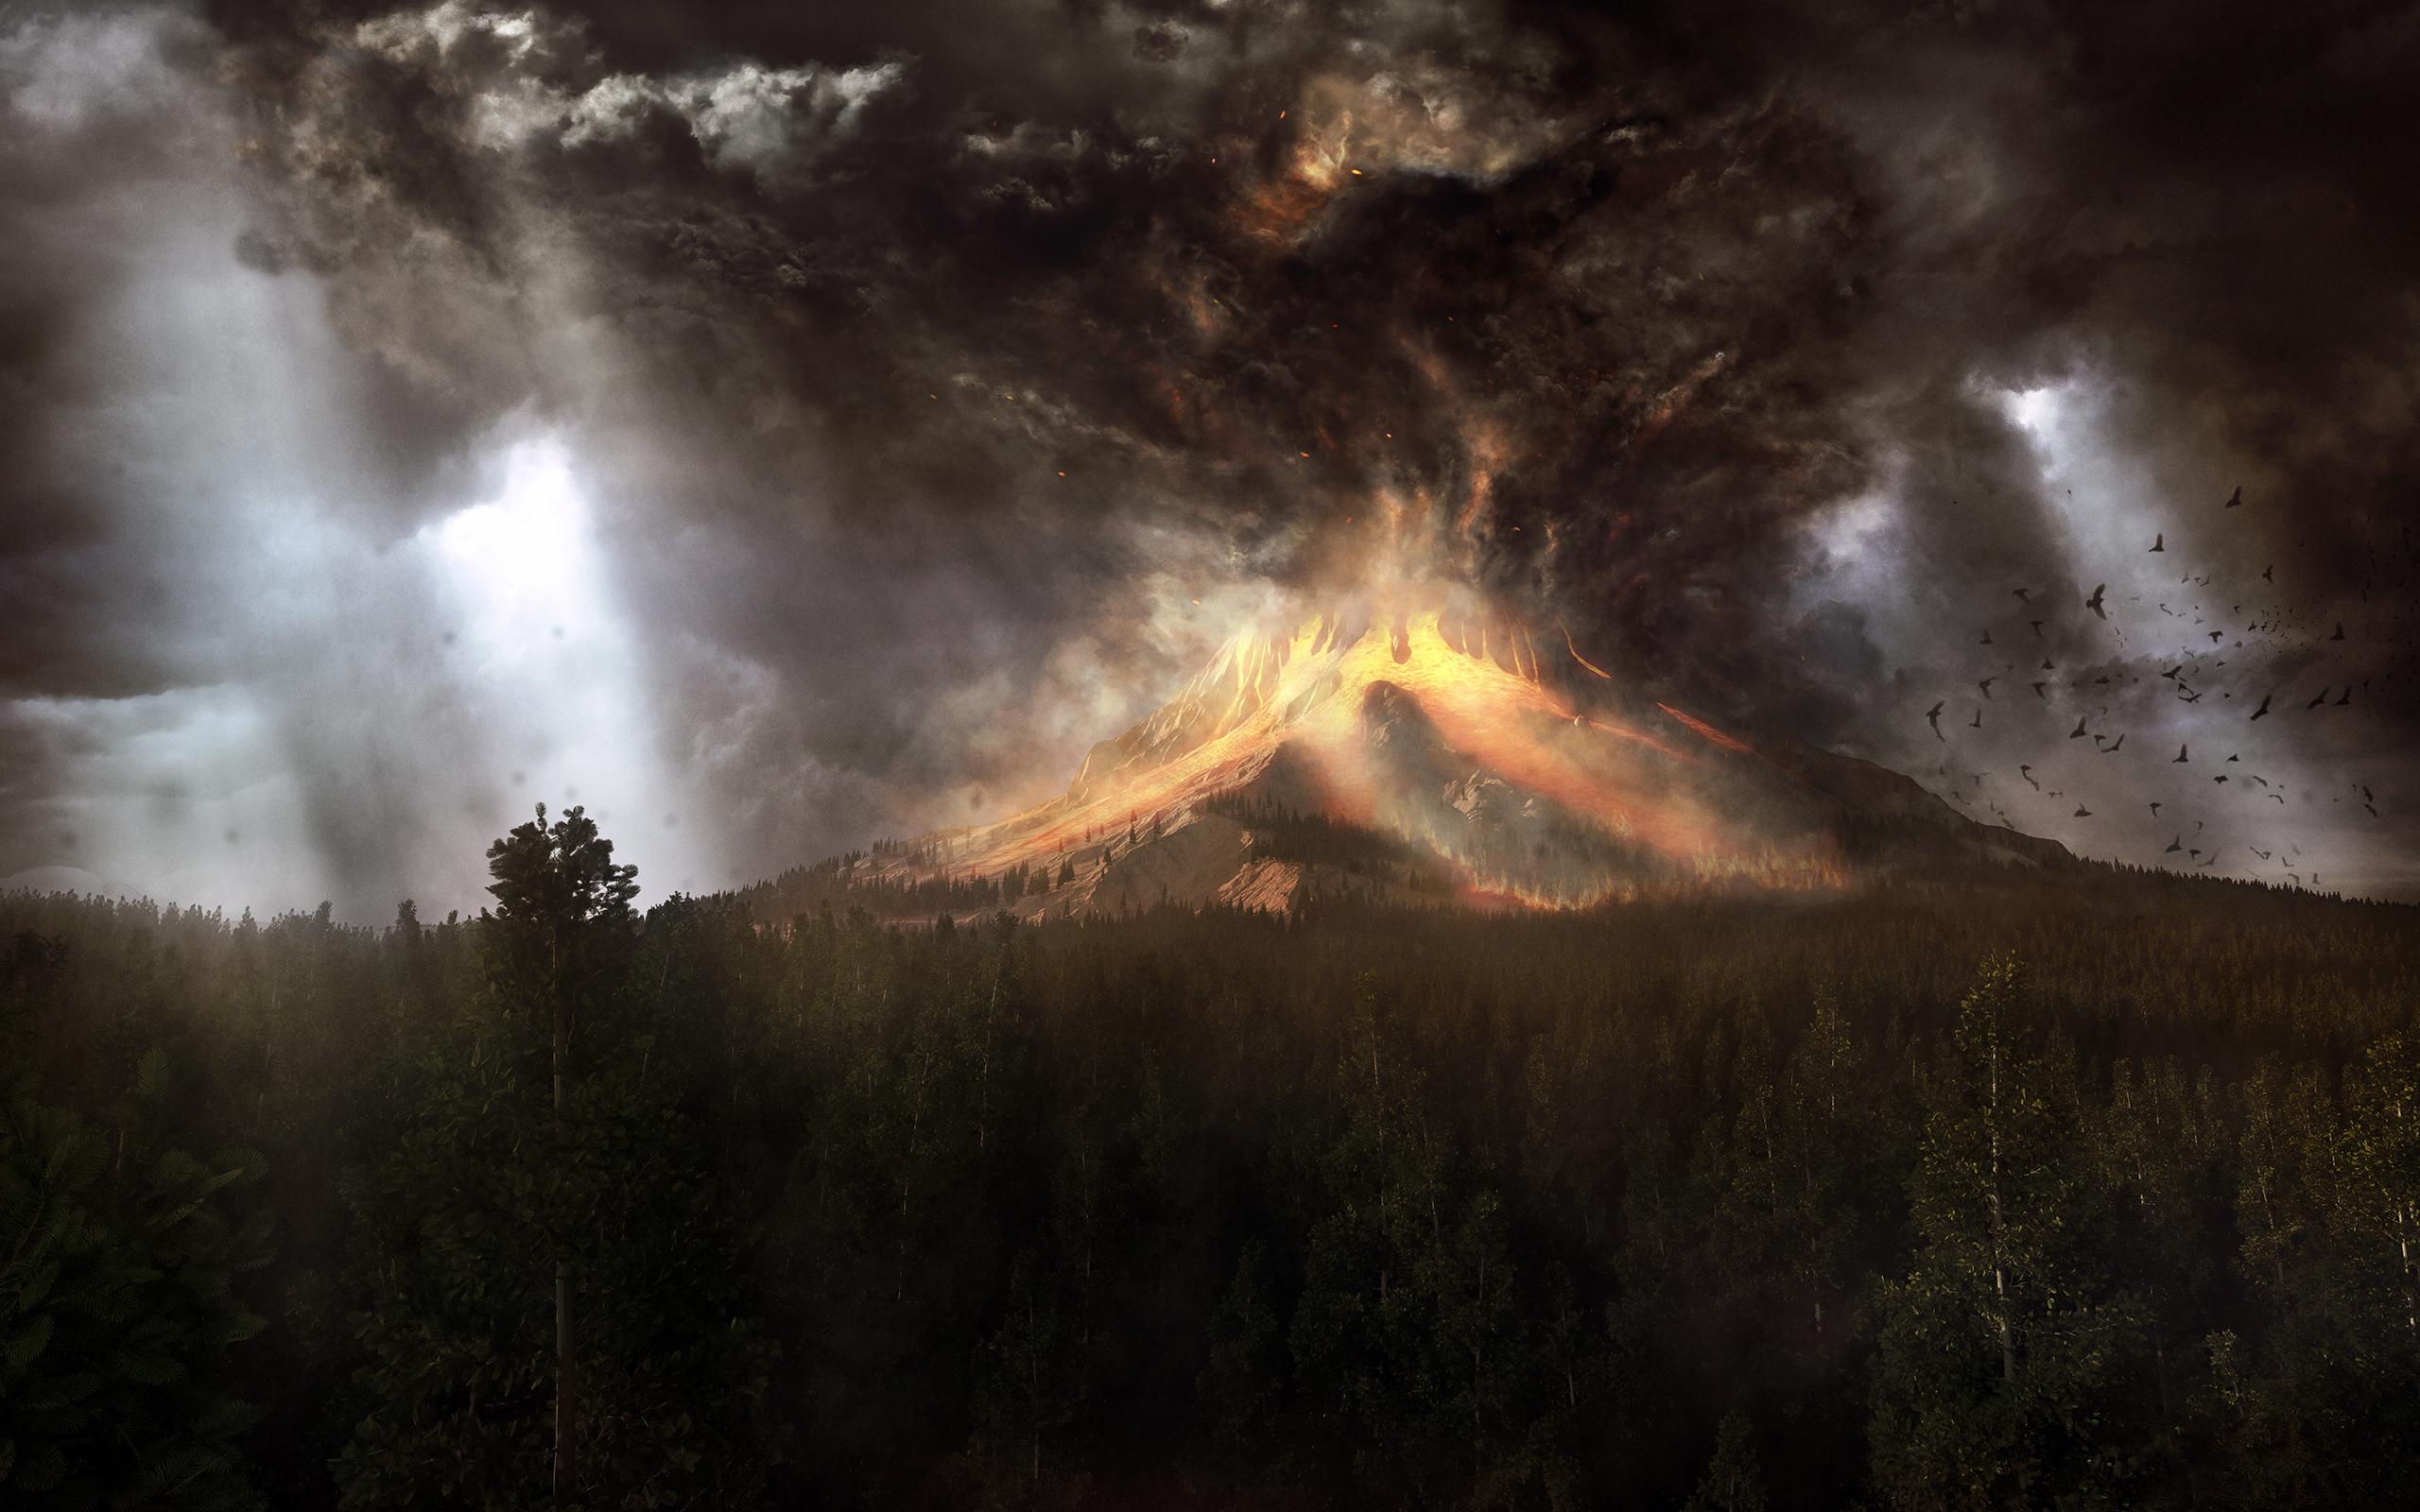 Vulkánkitörés a Kárpát-medencében? - soha ne mondd, hogy soha!